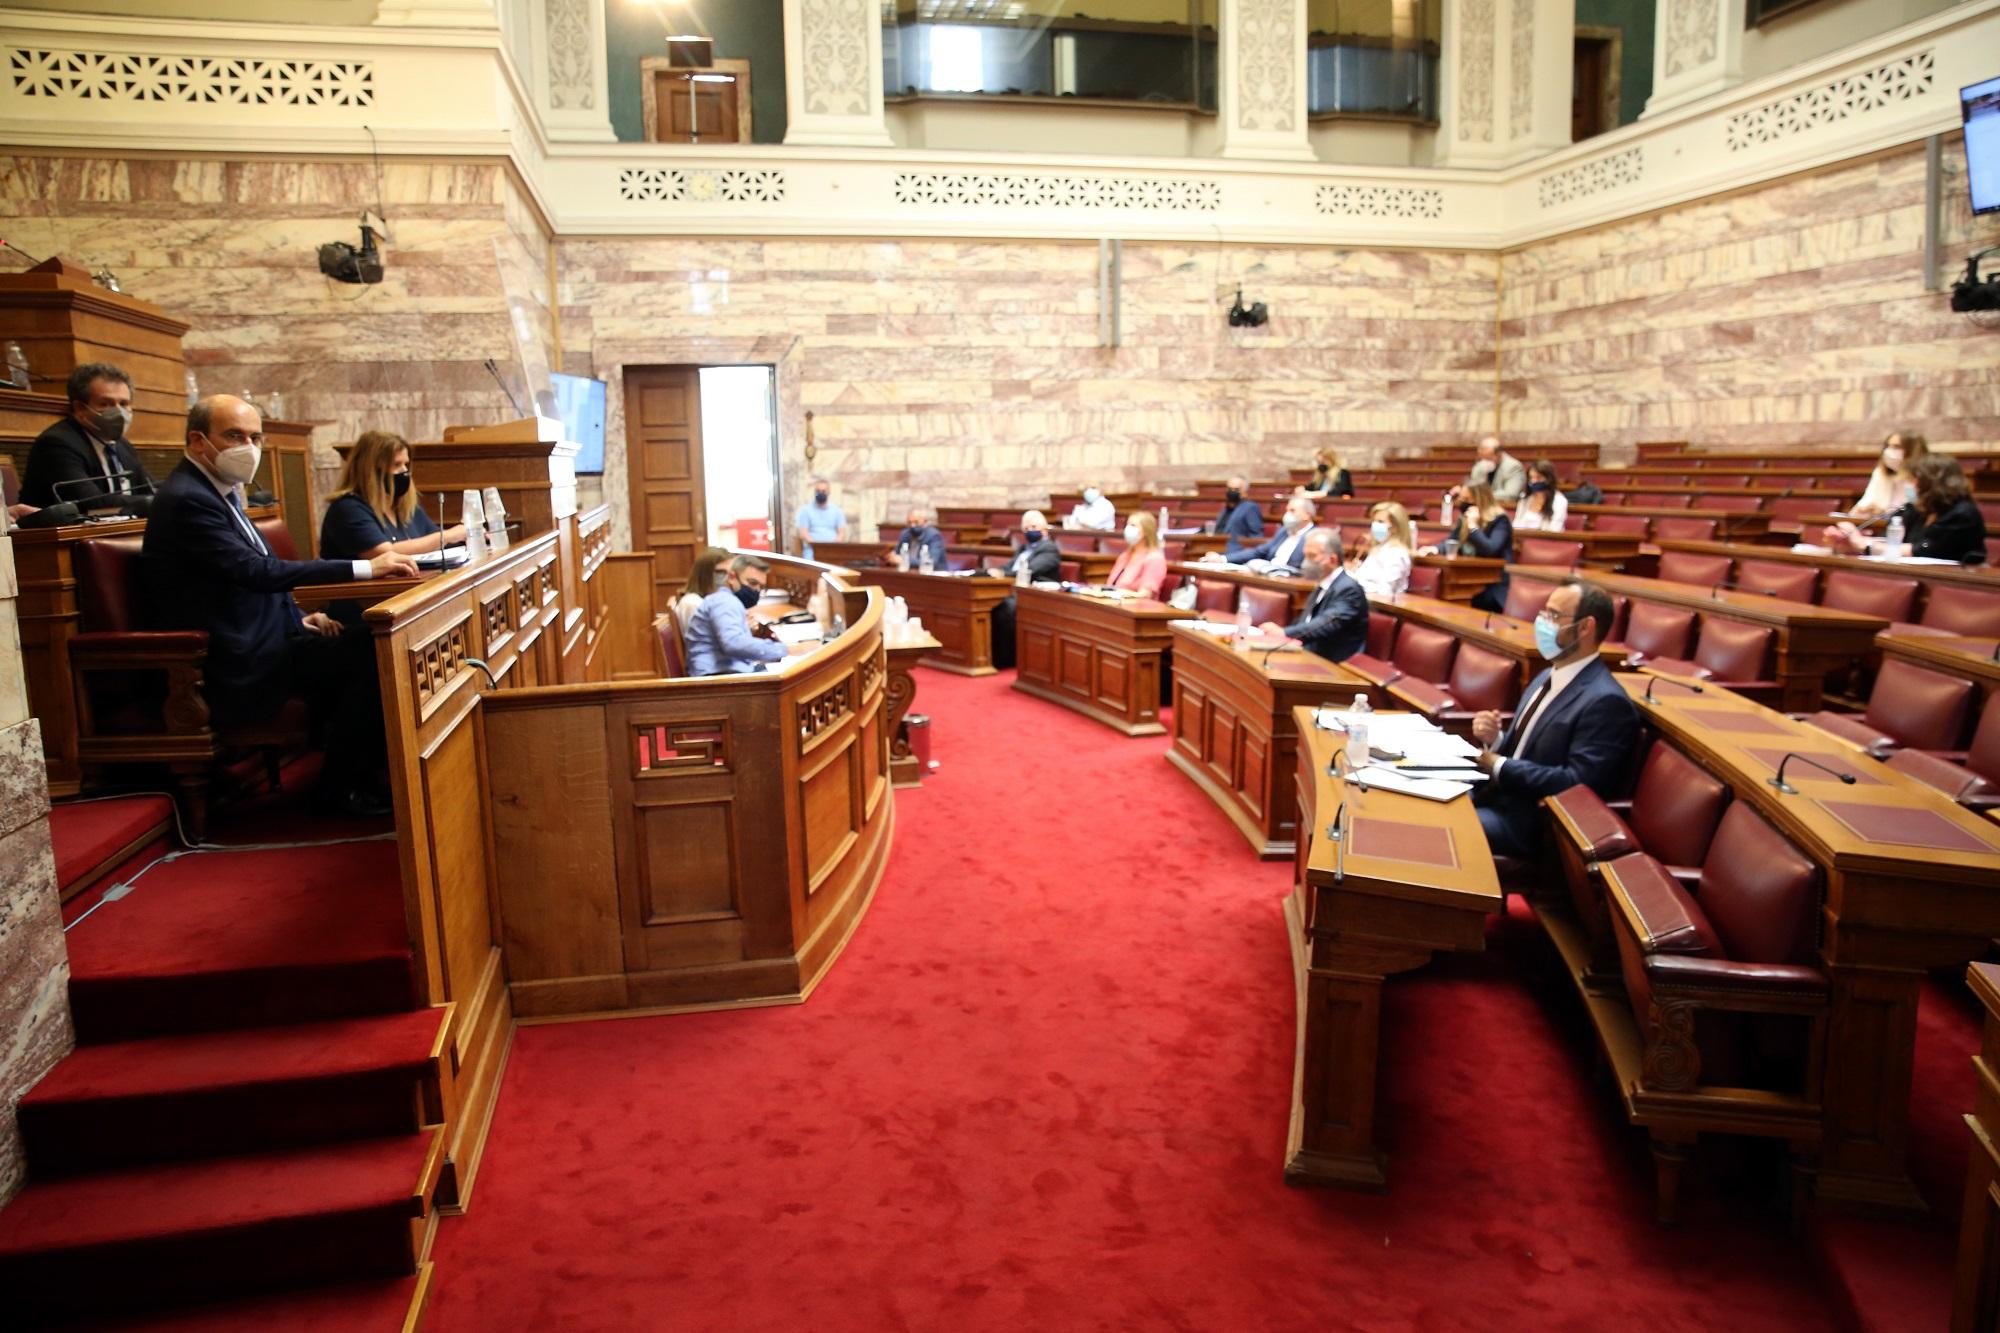 Βουλή: Άρχισε η συζήτηση του εργασιακού νομοσχεδίου στις αρμόδιες επιτροπές